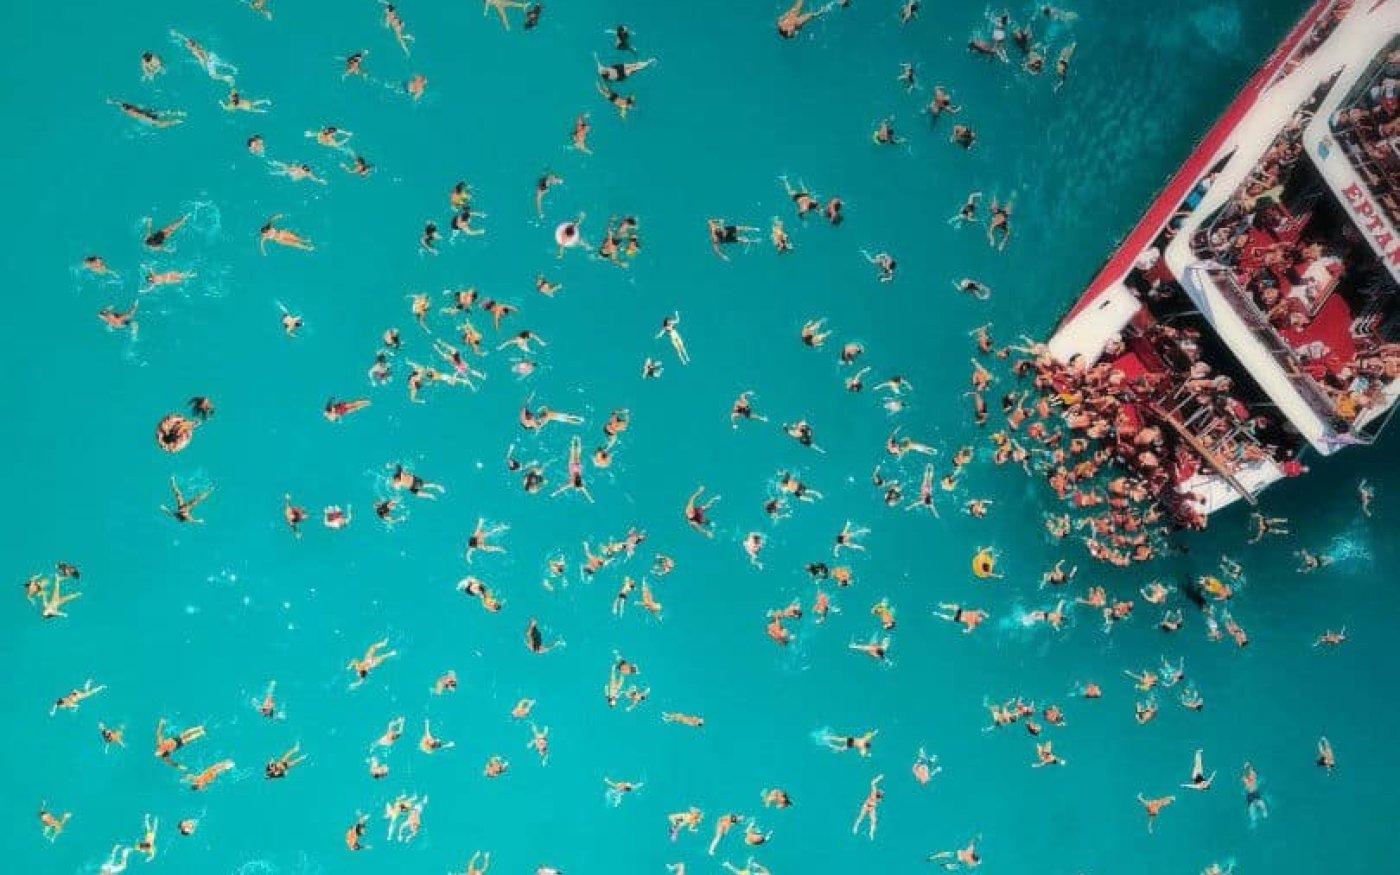 Απολαυστικές βουτιές στα καταγάλανα νερά του Ιονίου – Υπέροχη φωτογραφική λήψη από τον Κώστα Σπαθή  [Δείτε περισσότερες φωτογραφίες στο madeingreece.news]  - Κυρίως Φωτογραφία - Gallery - Video